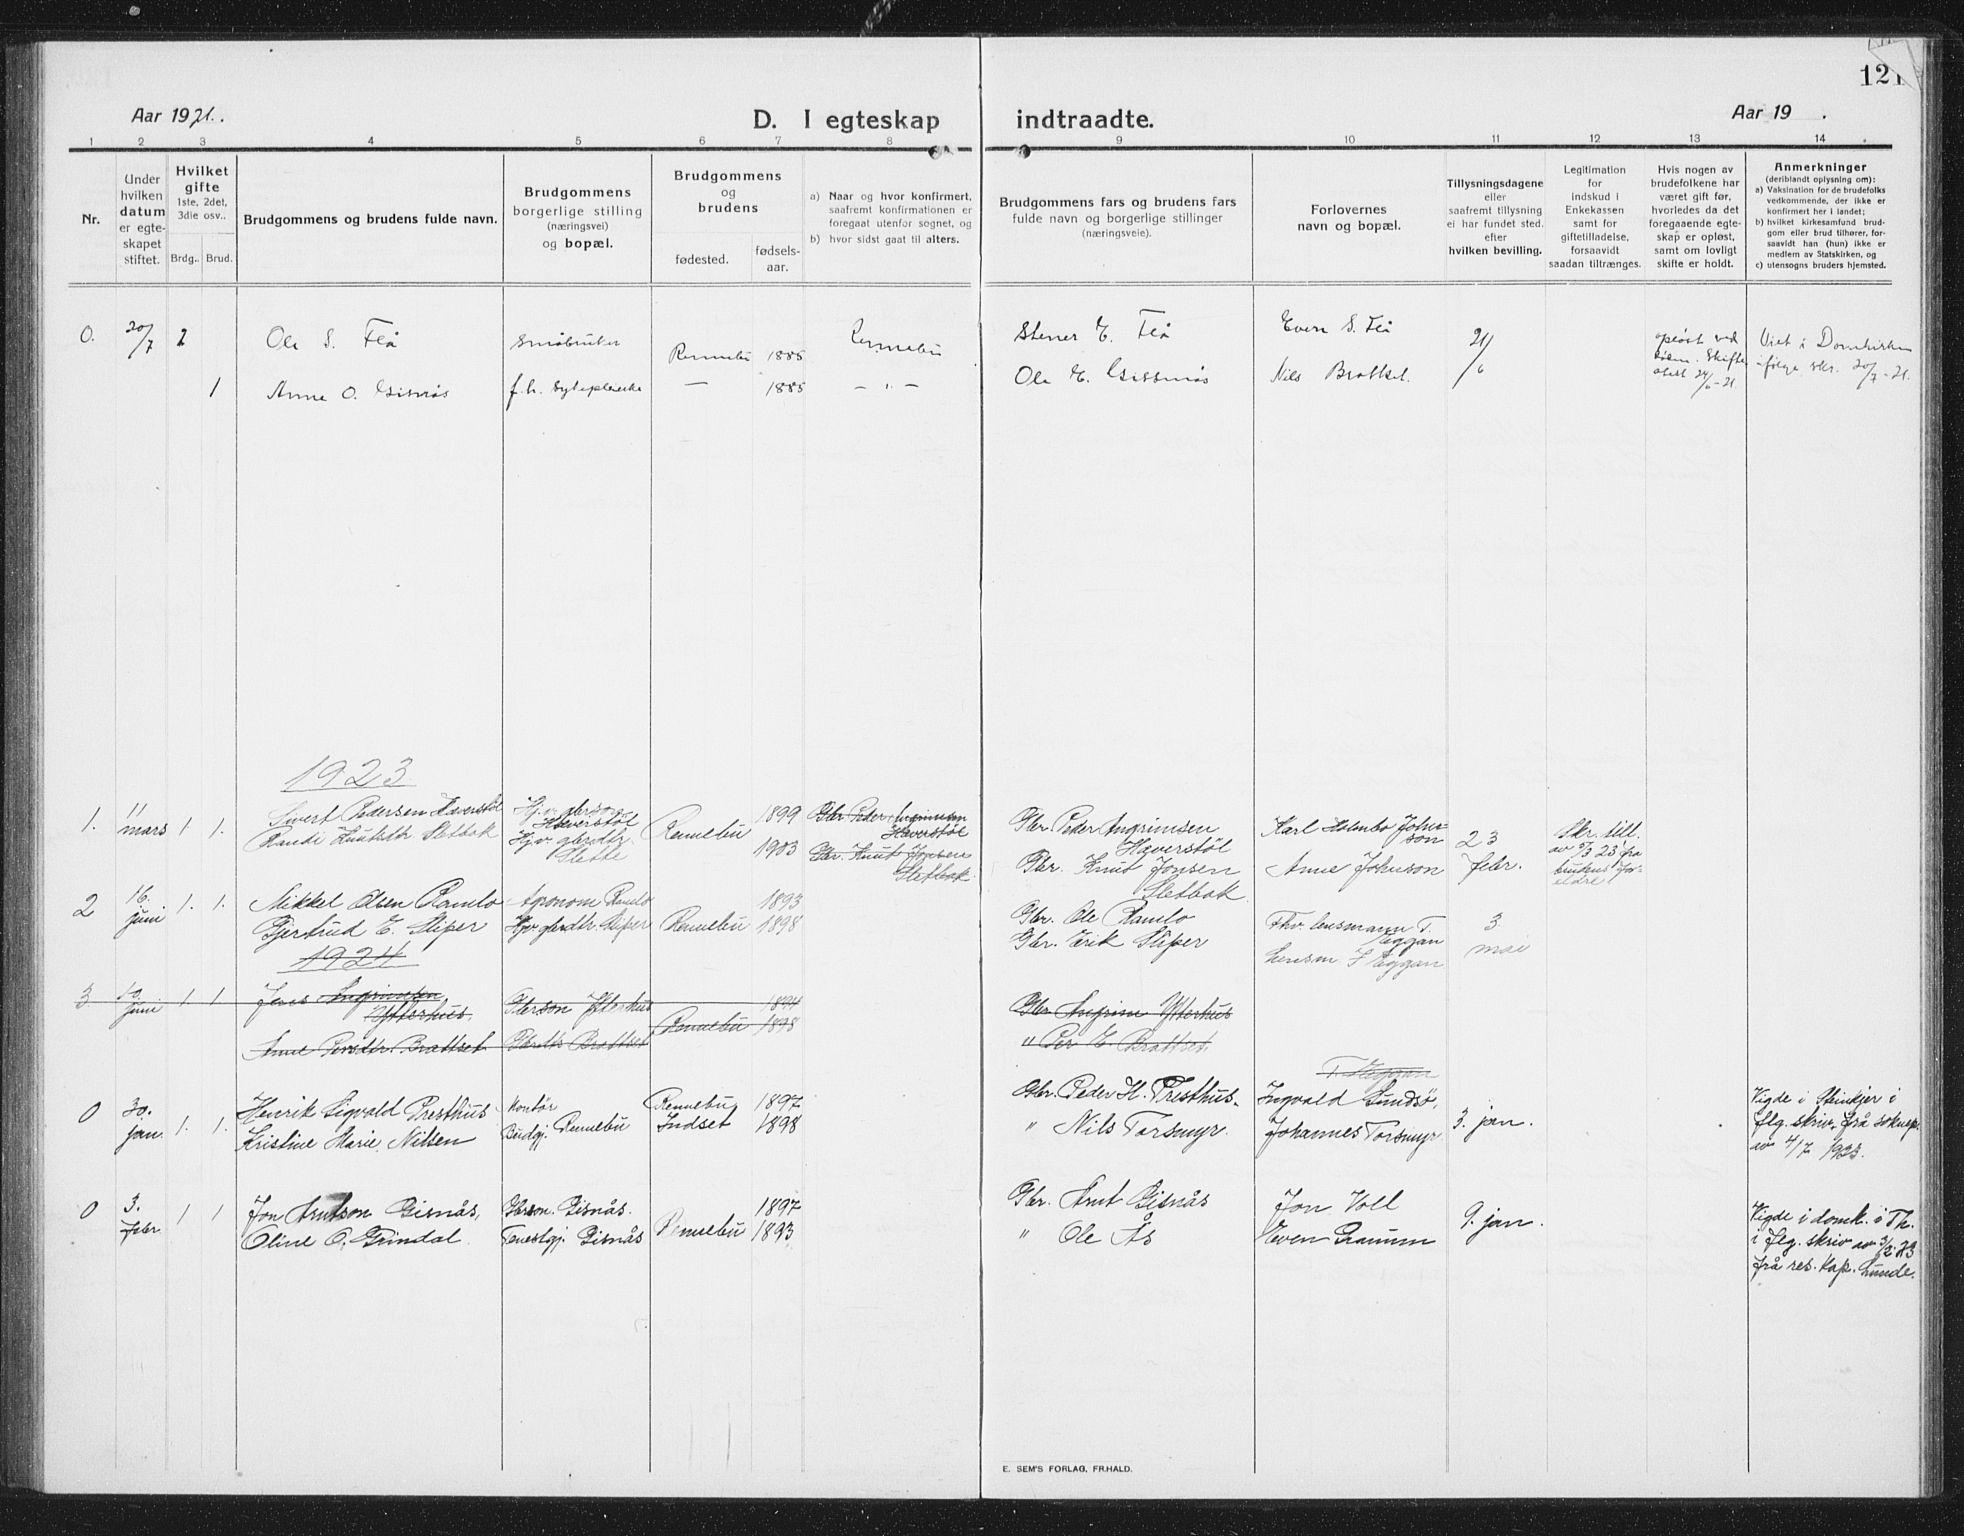 SAT, Ministerialprotokoller, klokkerbøker og fødselsregistre - Sør-Trøndelag, 675/L0888: Klokkerbok nr. 675C01, 1913-1935, s. 121